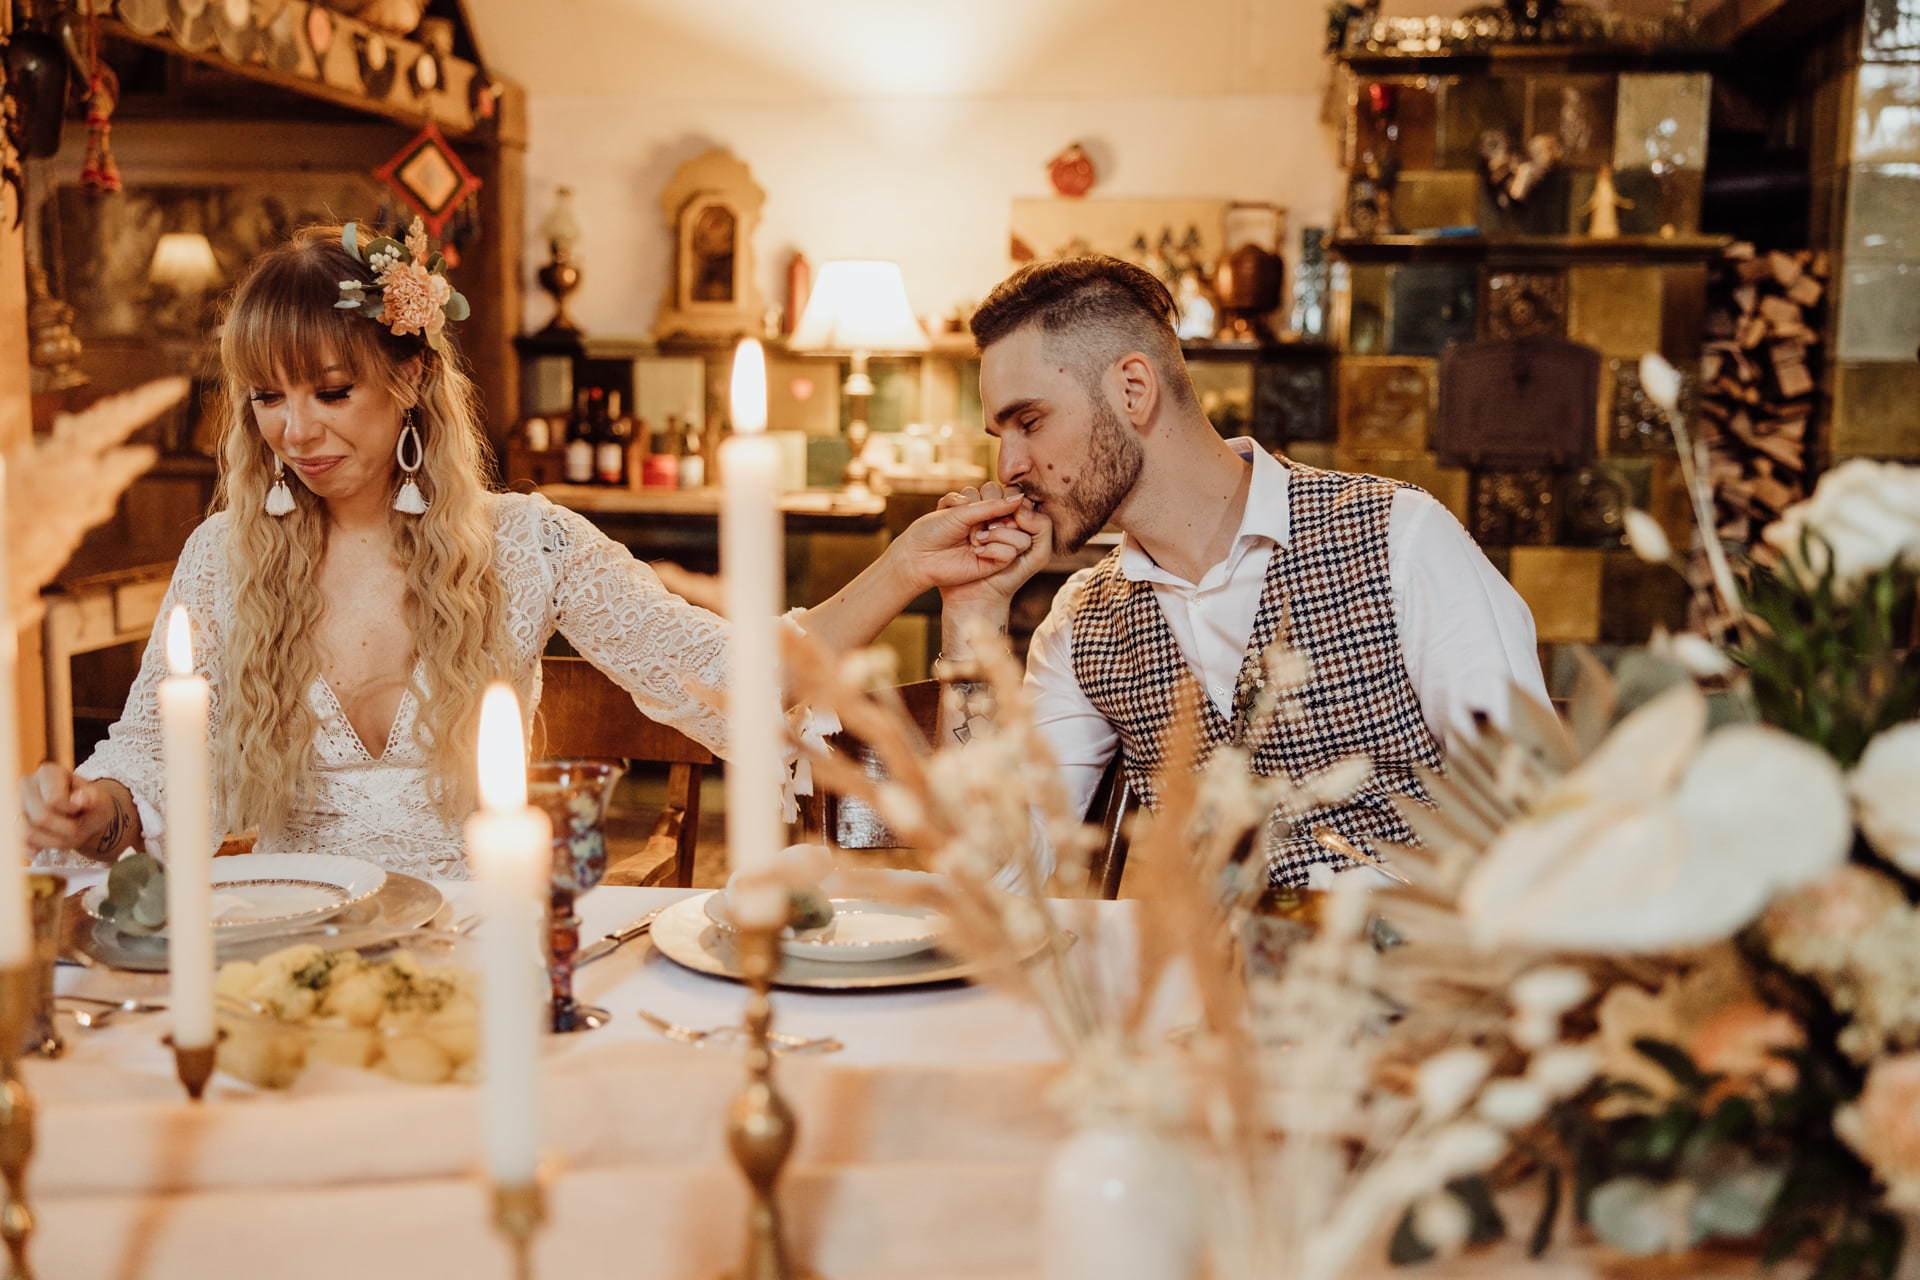 Odnowienie przysięgi małżeńskiej